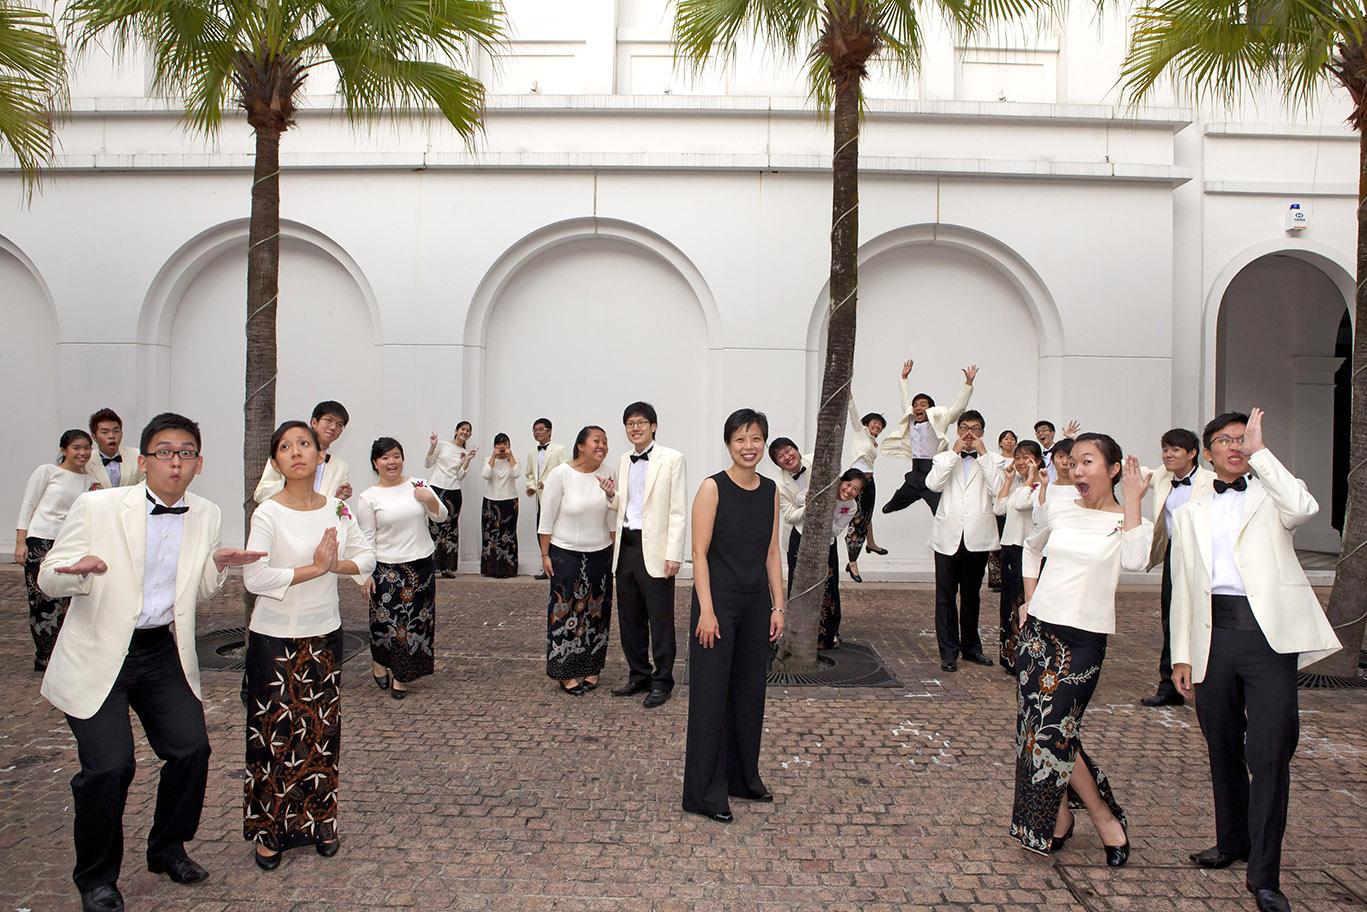 Alumni Choir 2010